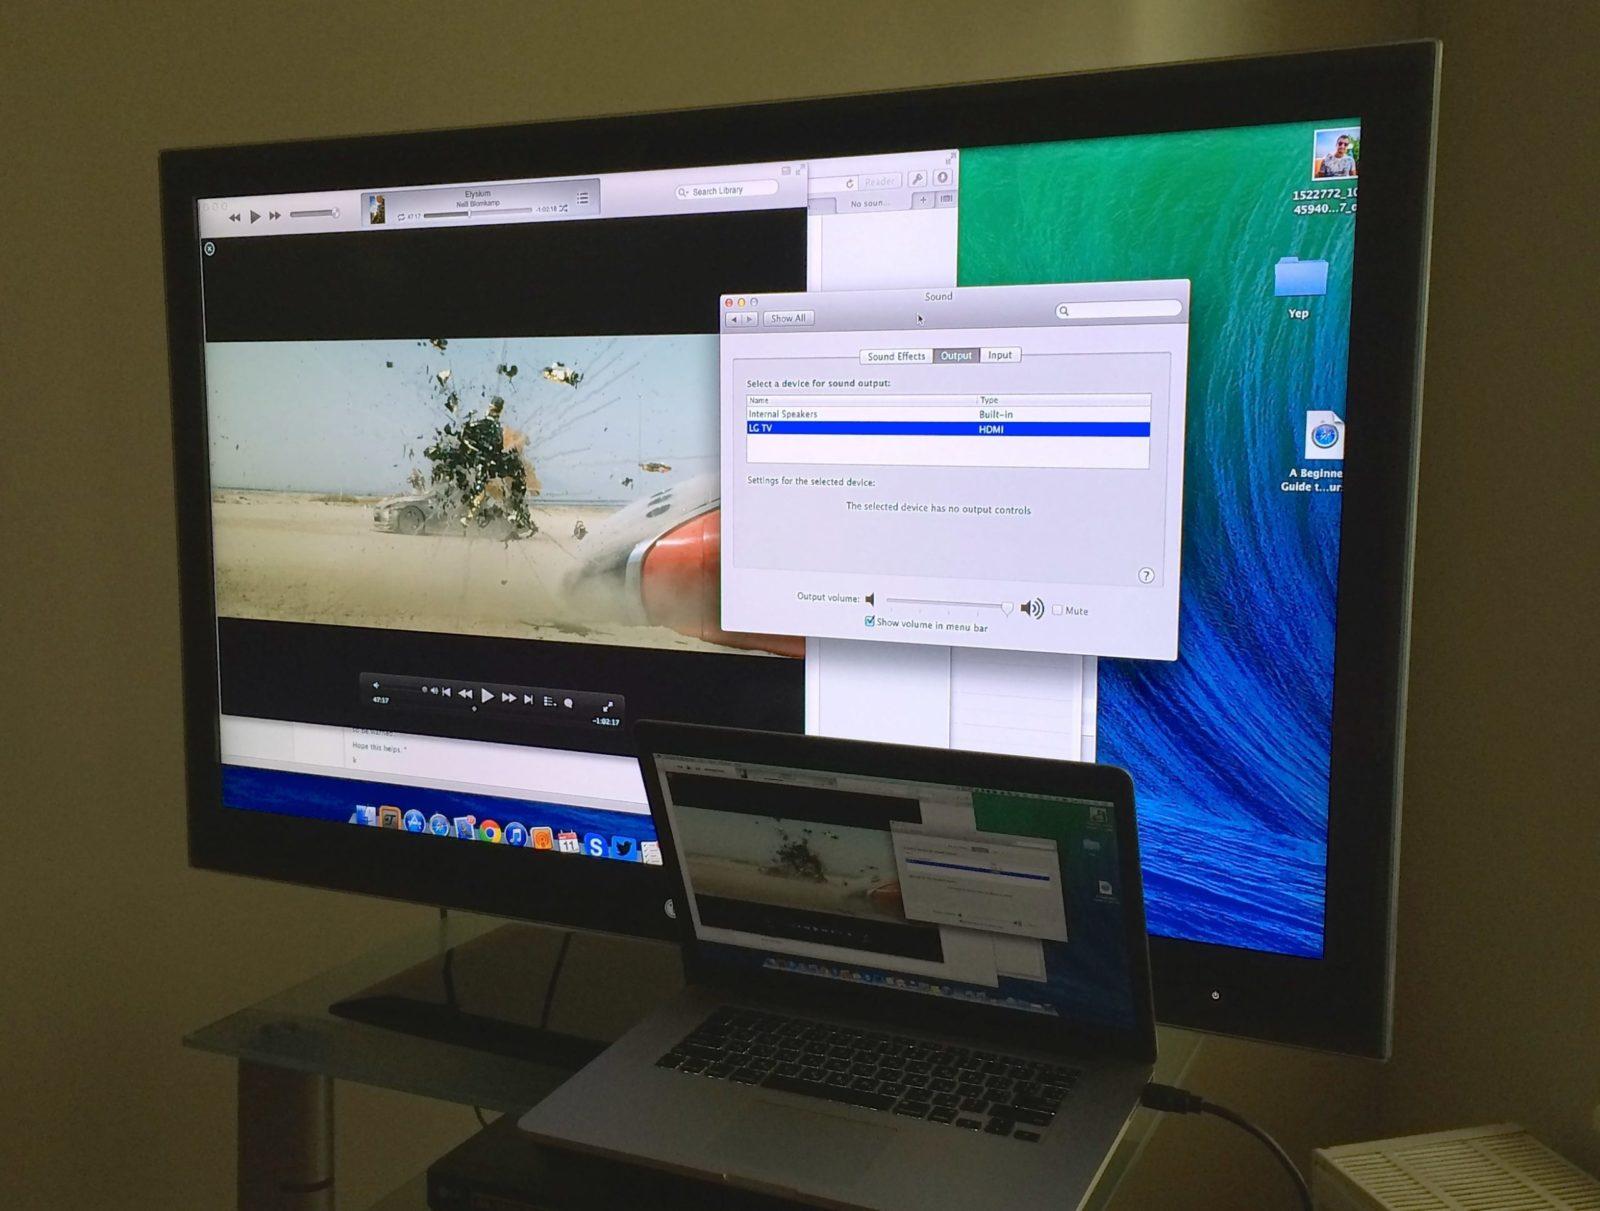 Почему не работает подключение ноутбука к телевизору через кабель HDMI